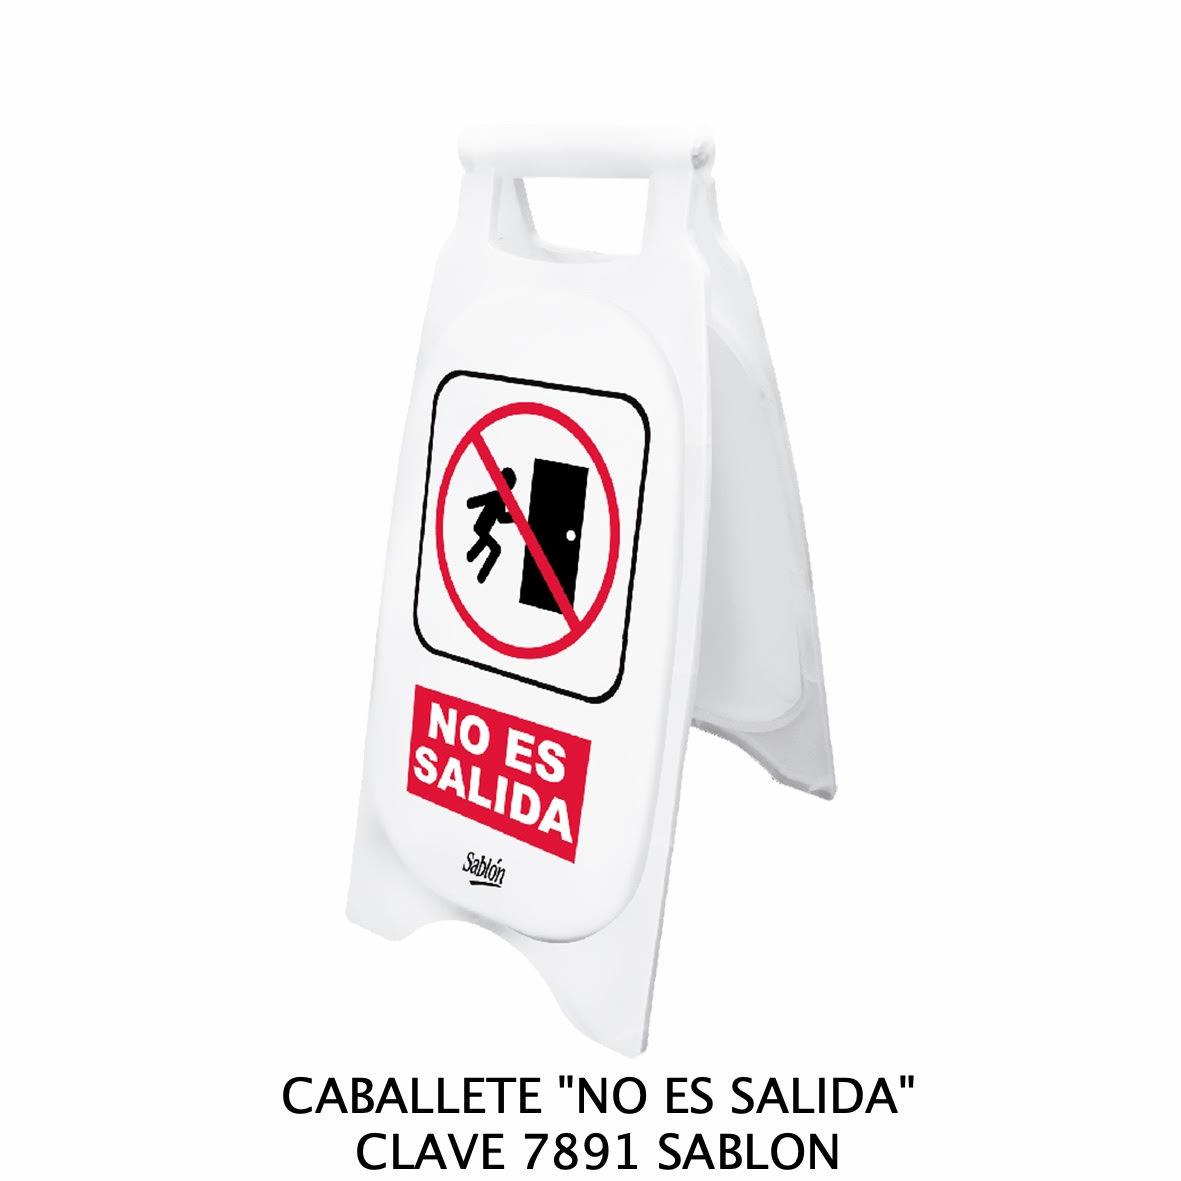 Caballete con señal NO ES SALIDA Clave 7891 de Sablón